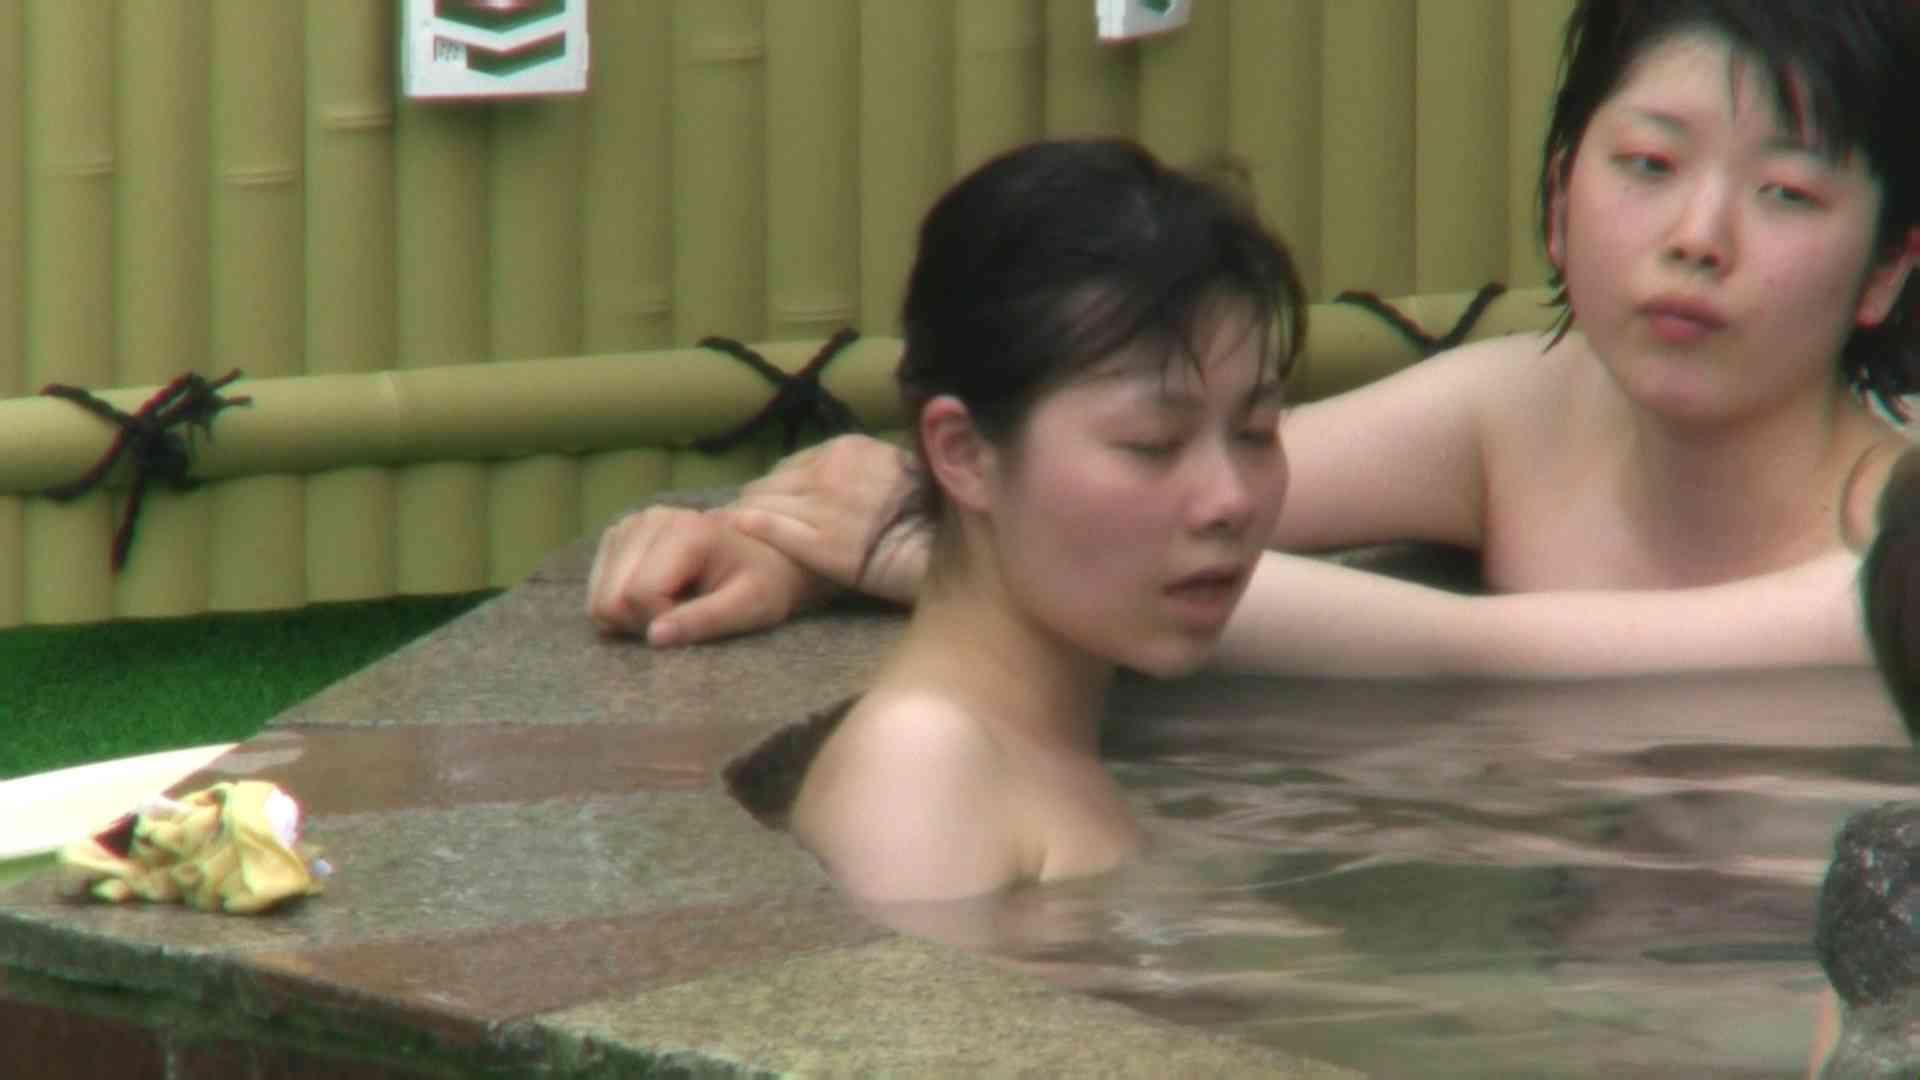 Aquaな露天風呂Vol.65【VIP限定】 盗撮  78連発 6